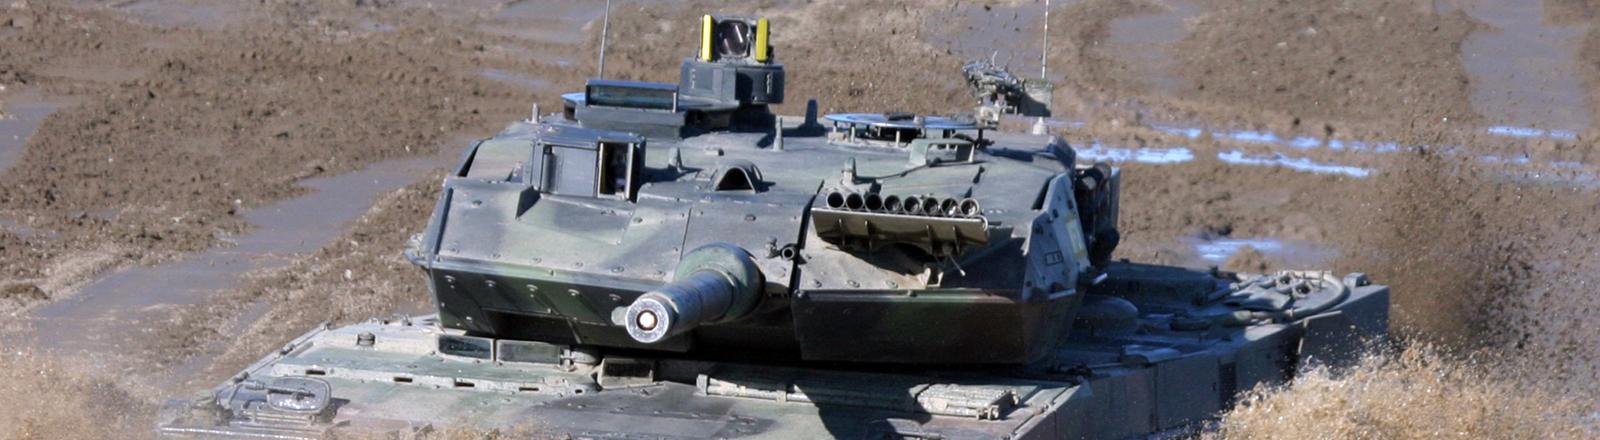 Ein Kampfpanzer vom Typ Leopard 2 bei der Fahrt durch ein Flussbett auf dem Truppenübungsplatz Munster